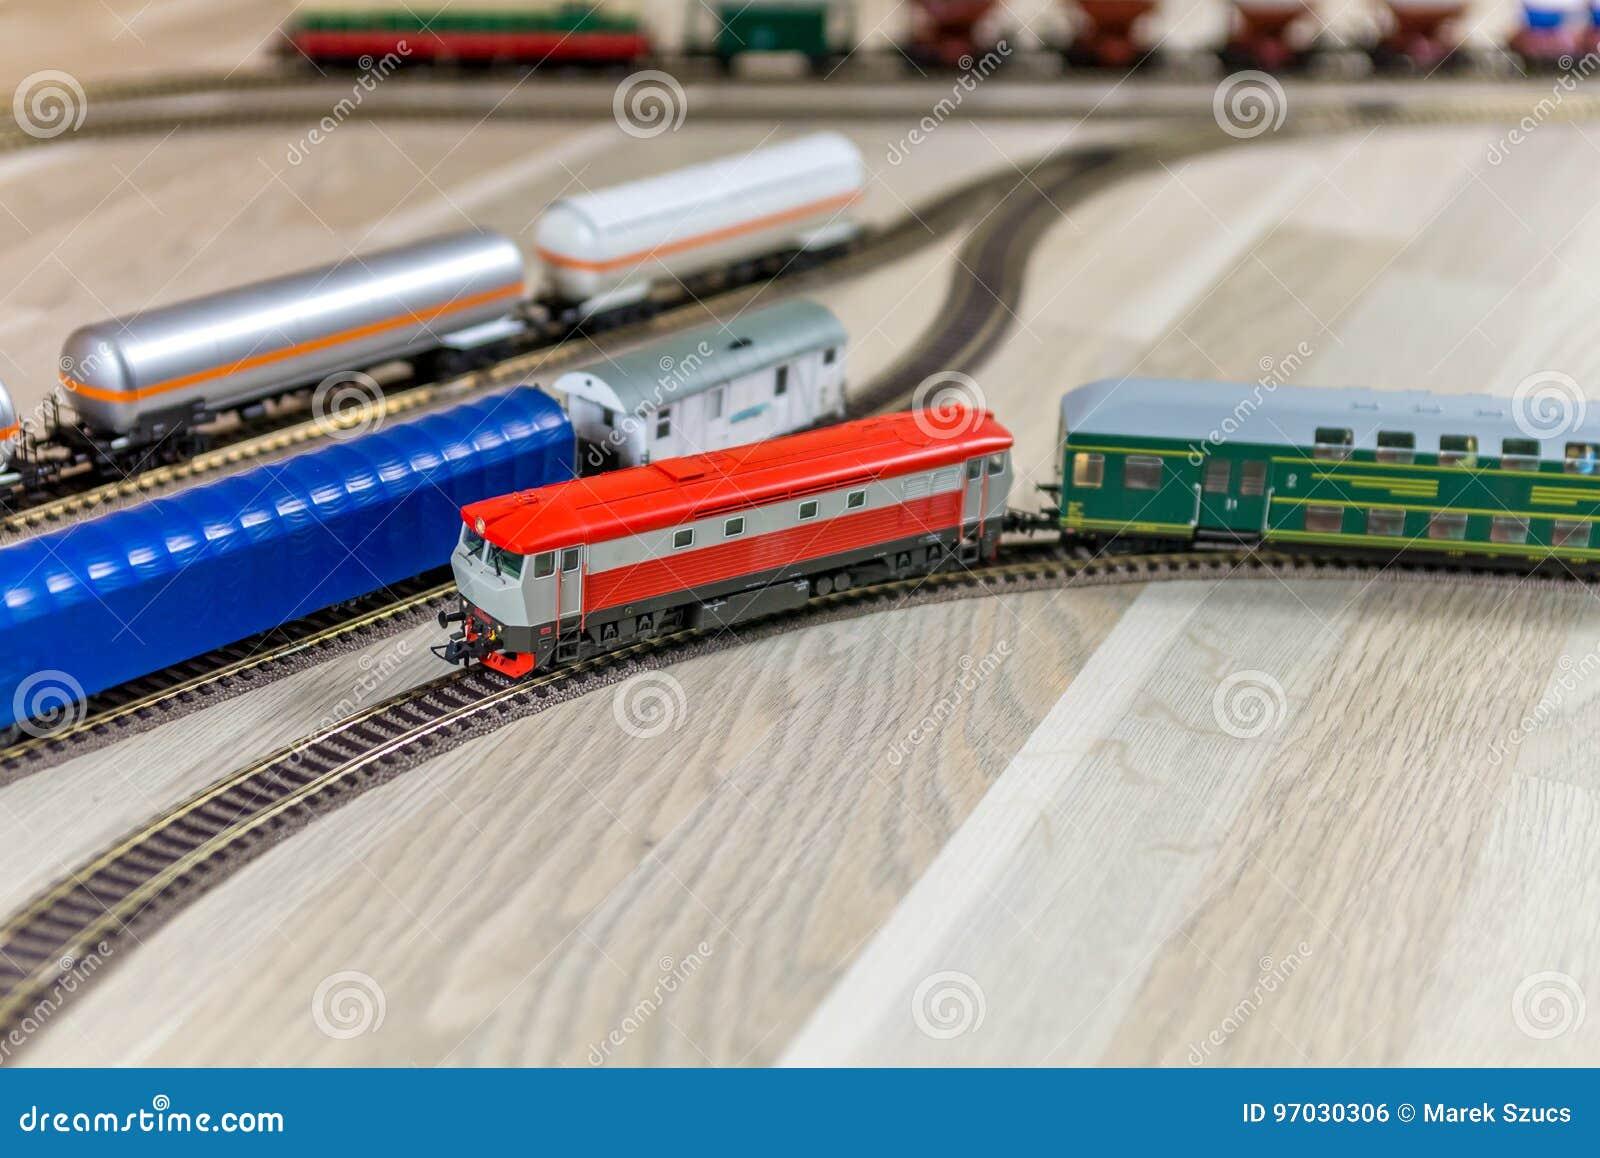 Soviet childhood dream toy railway 31